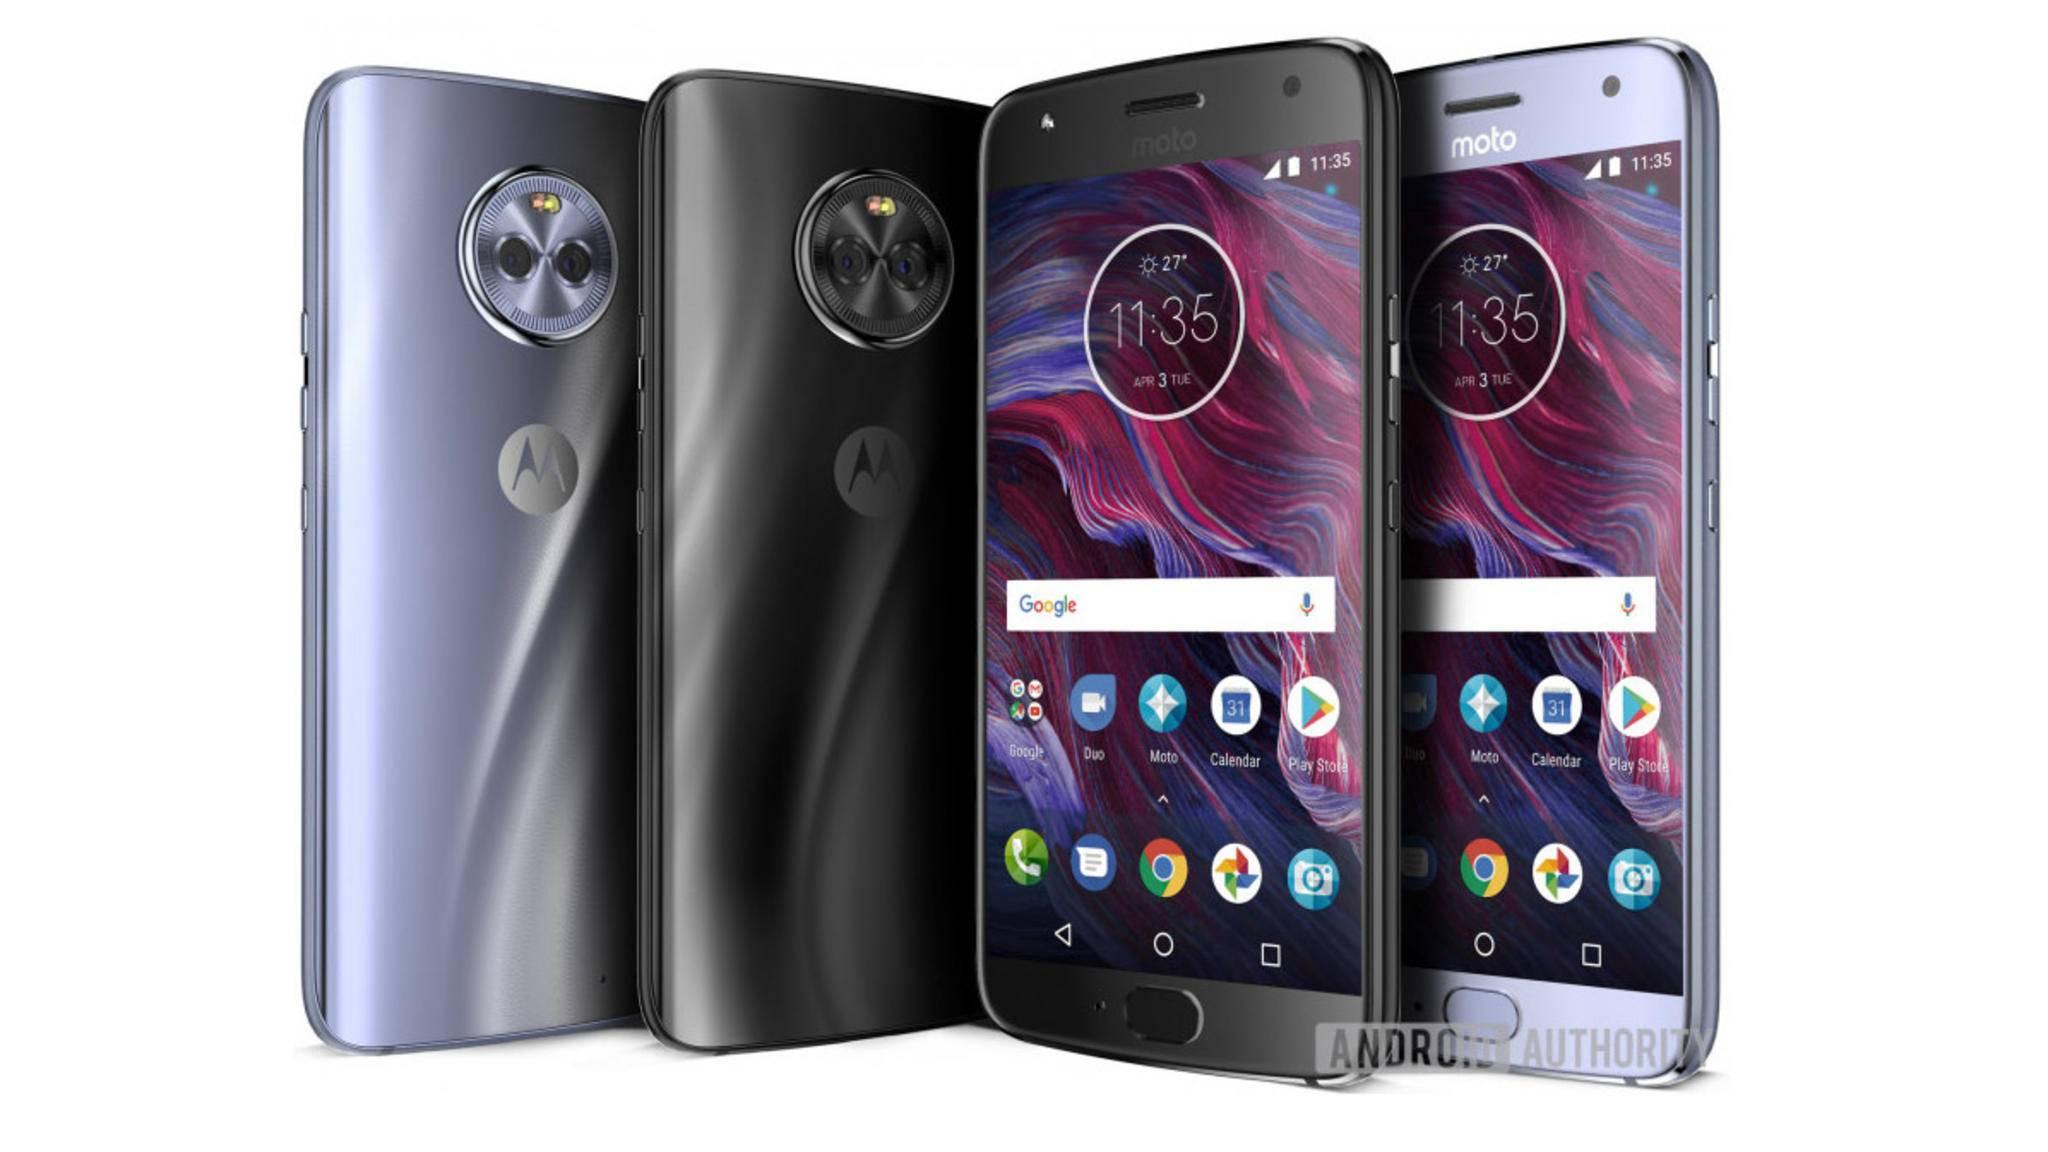 So soll das Moto X4 aussehen: Am 2. September dürfte der Produkt-Launch des Smartphones auf den Philippinen erfolgen.